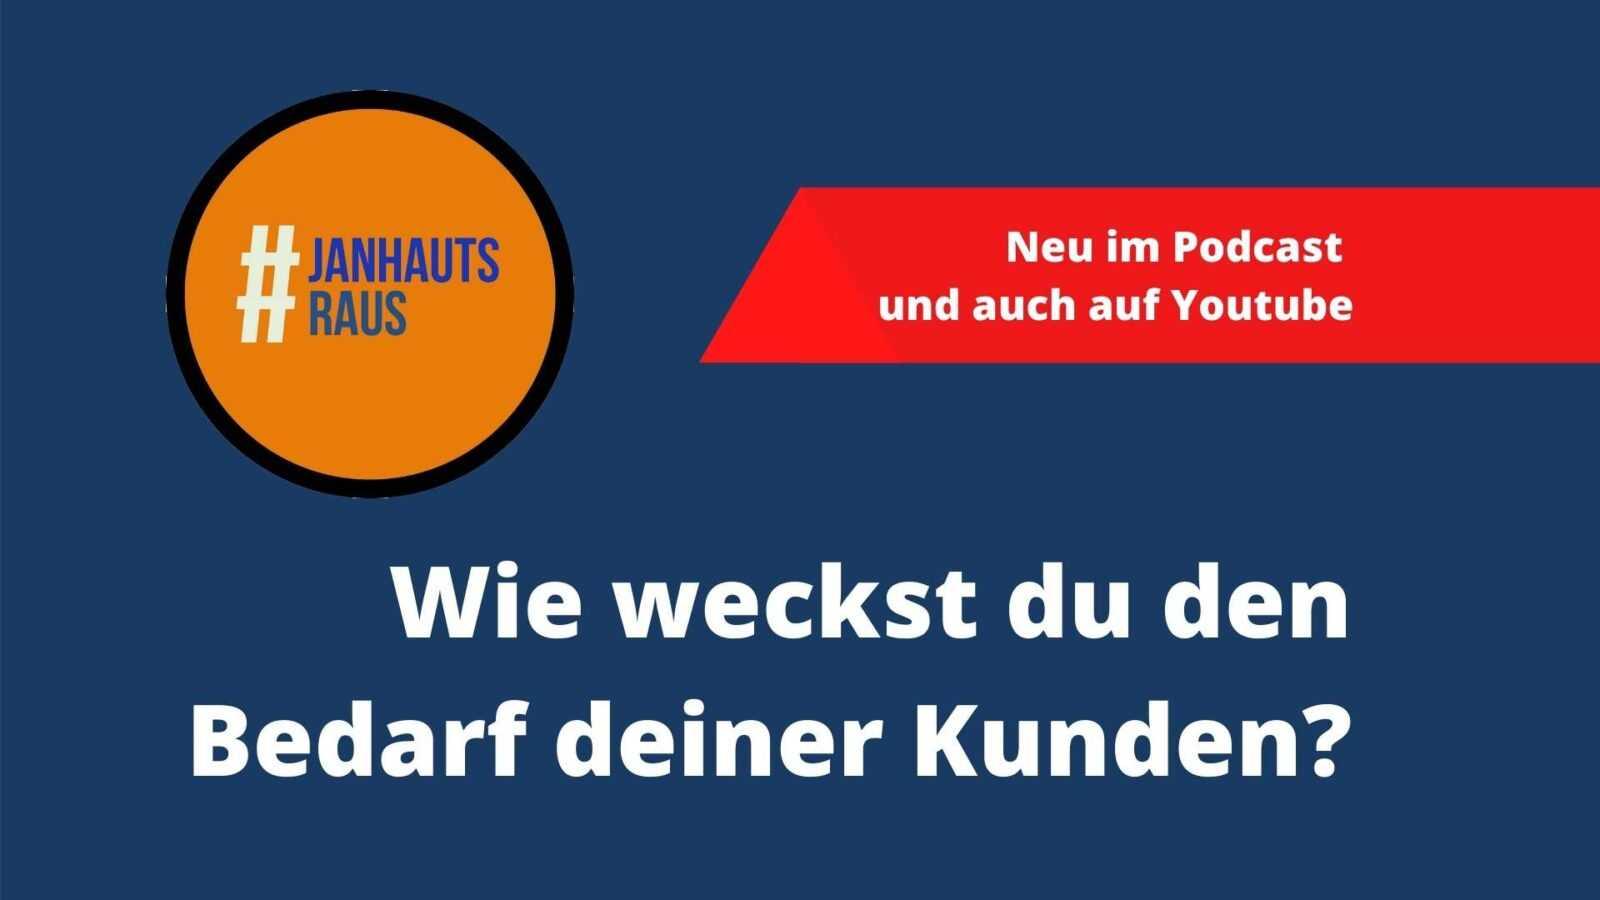 #janhautsraus - Wie weckst Du den Bedarf der Kunden in Deiner Onlineberatung?